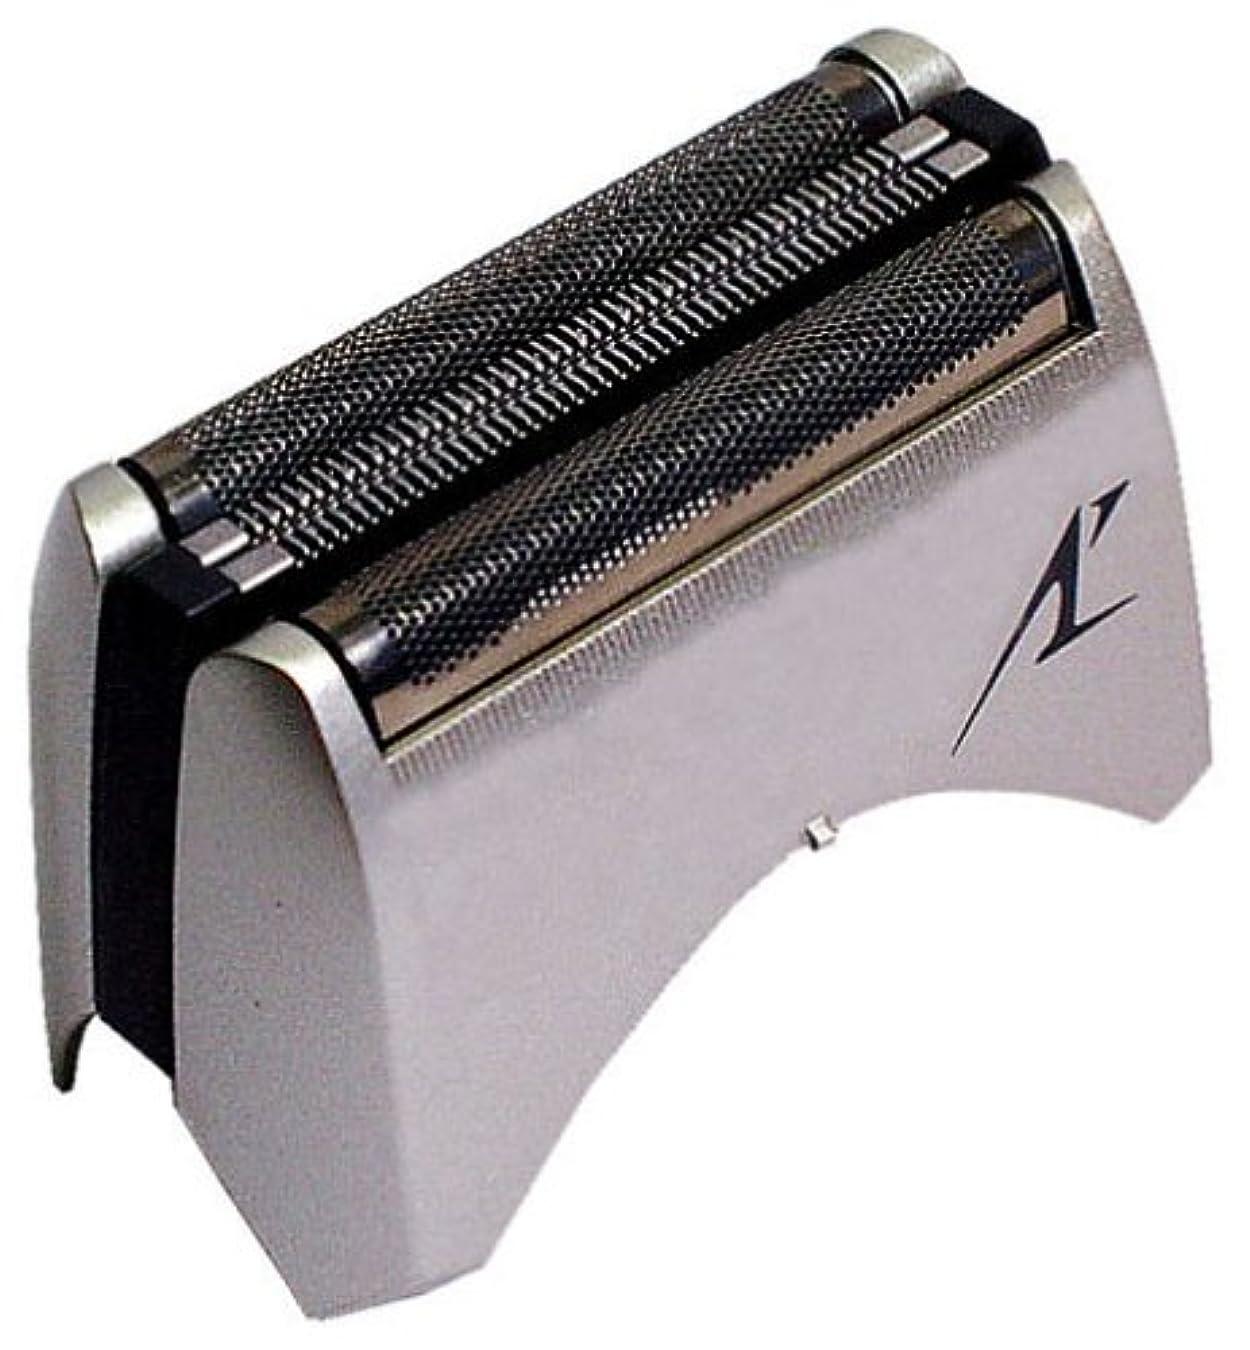 連続的飛ぶアヒルパナソニック 替刃 メンズシェーバー用 外刃 ES9063